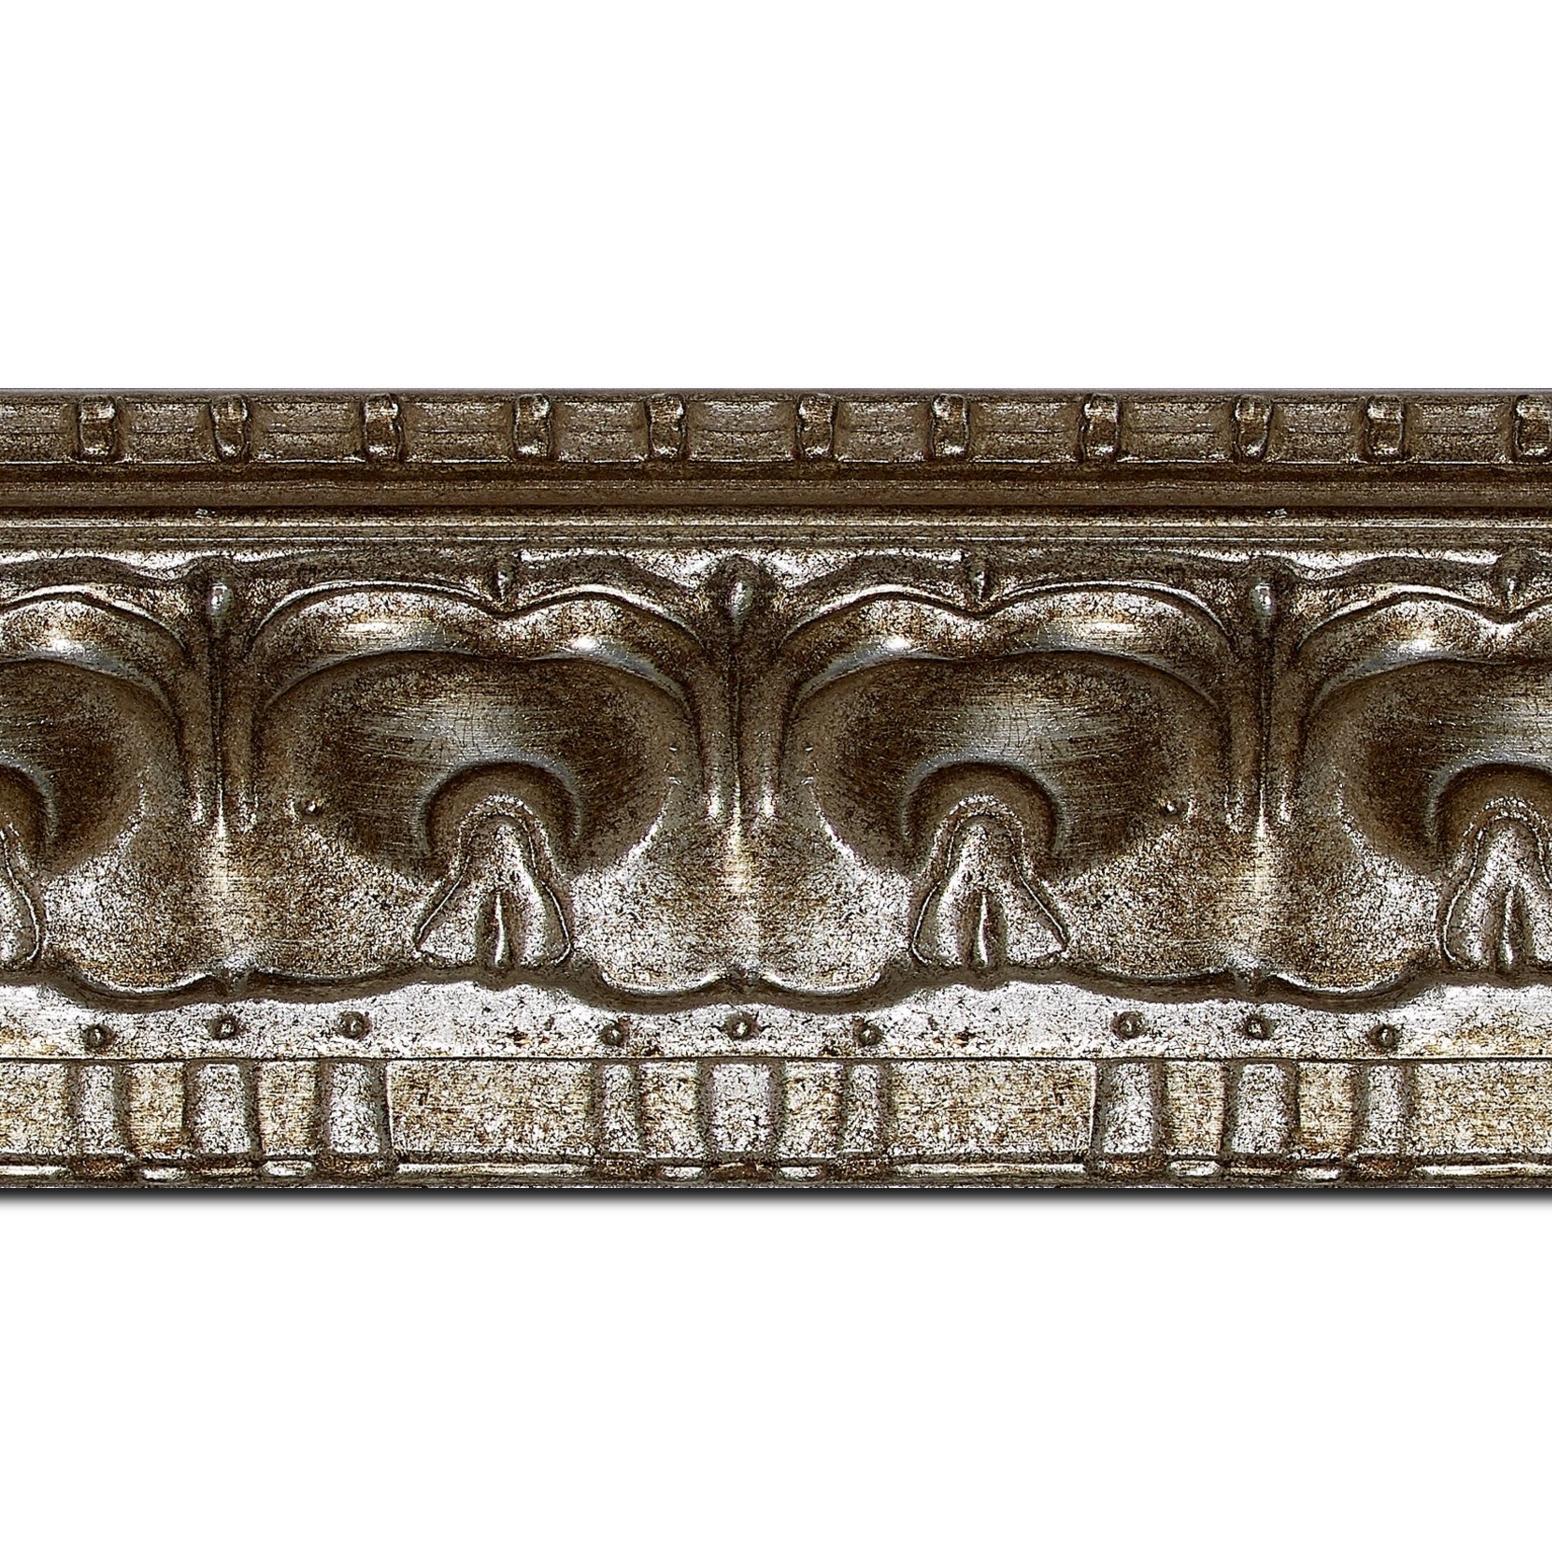 Baguette longueur 1.40m bois profil incurvé largeur 8.5cm argent chaud antique classique